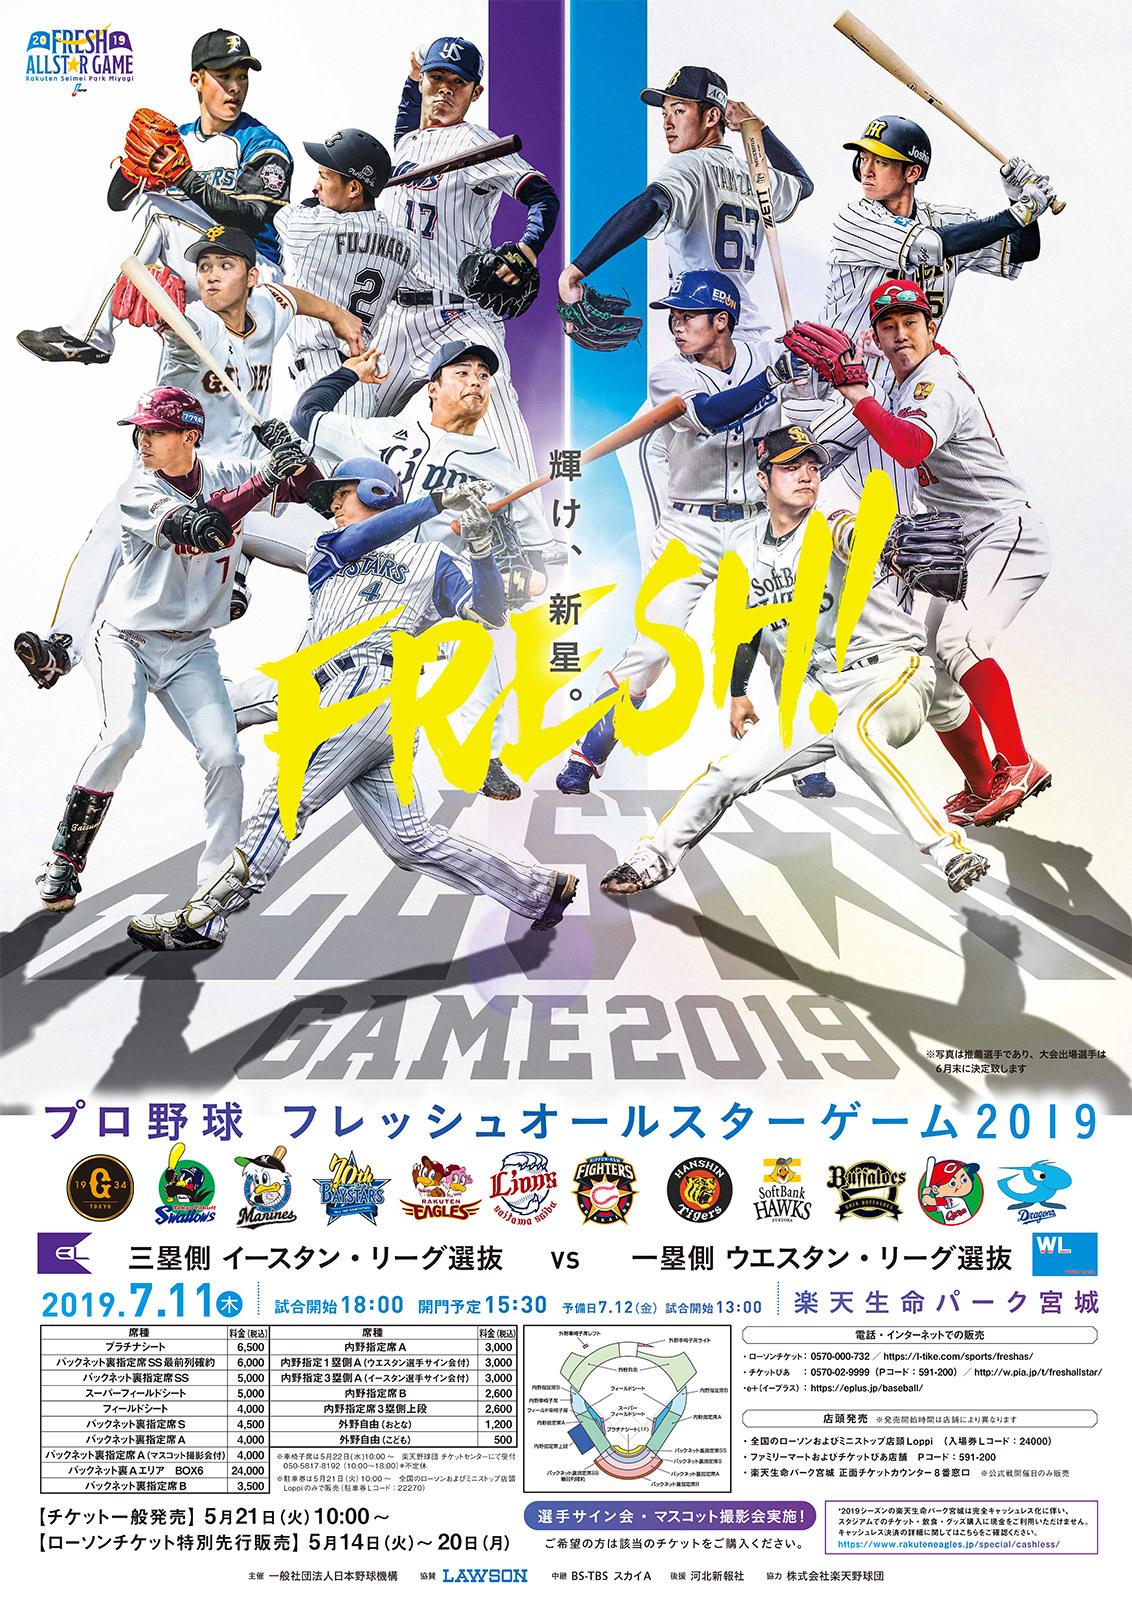 『プロ野球フレッシュオールスターゲーム2019』は7月11日開催